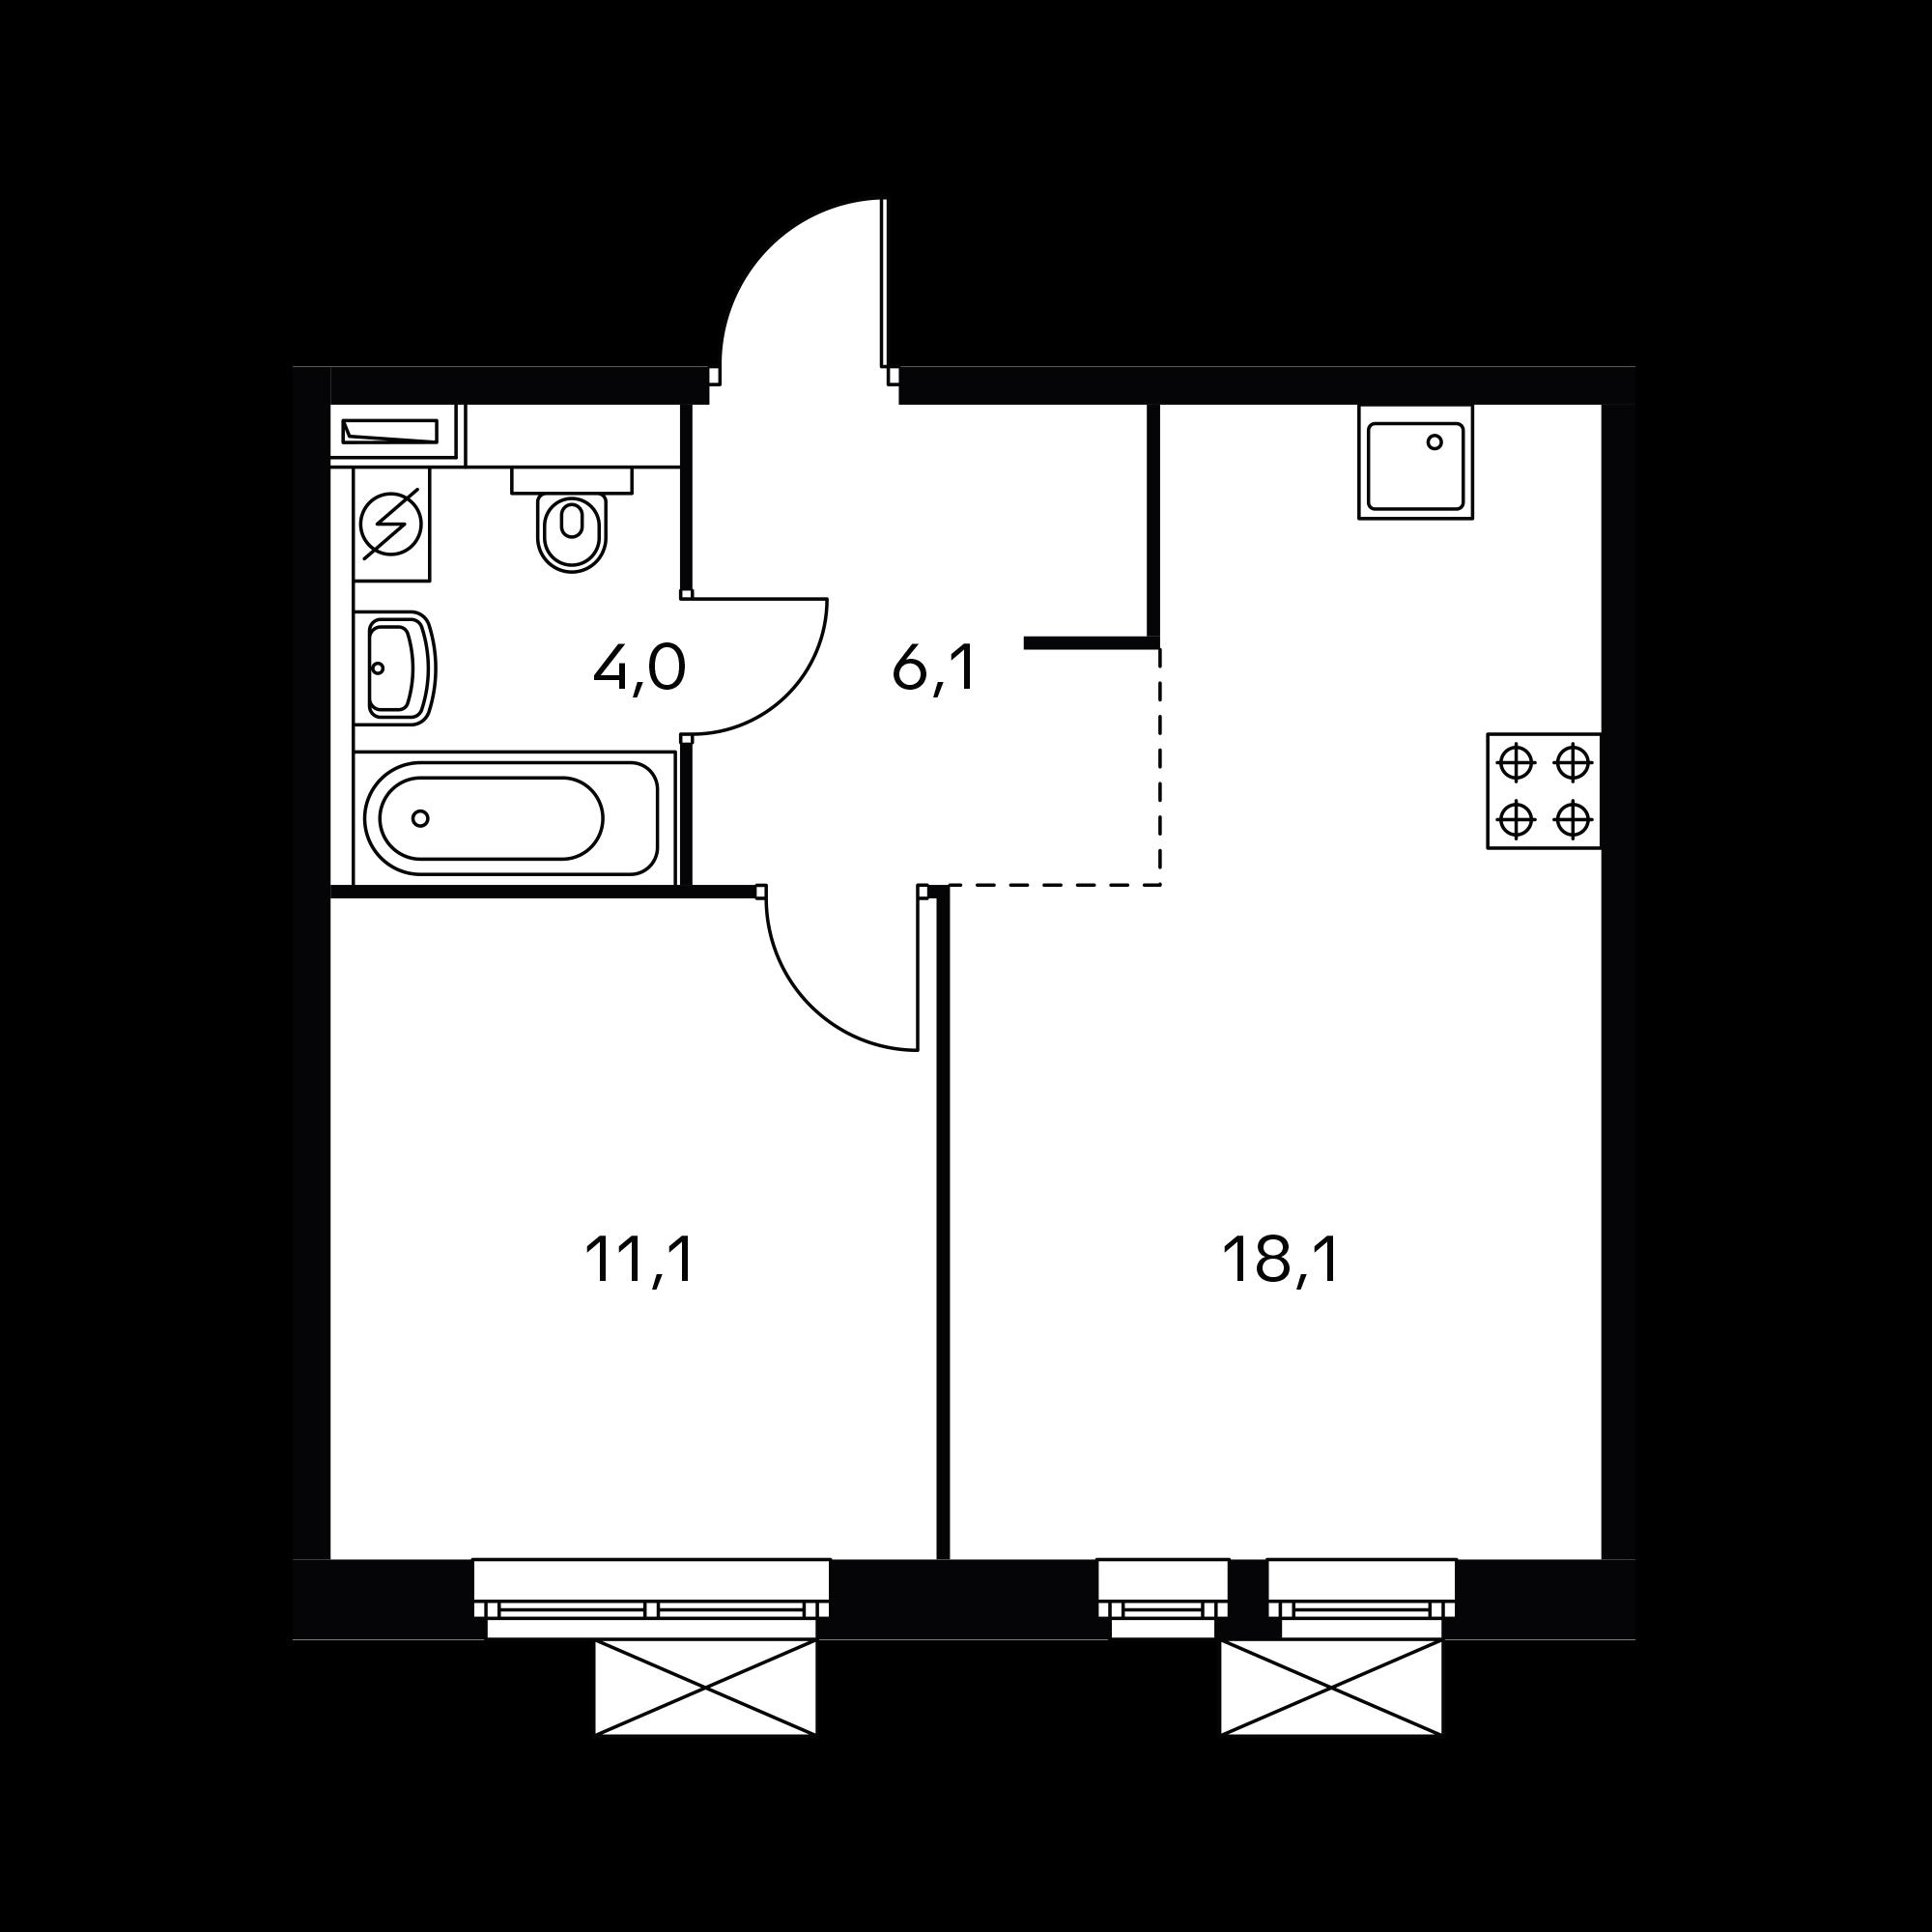 1EM3_6.9-1_S_A1